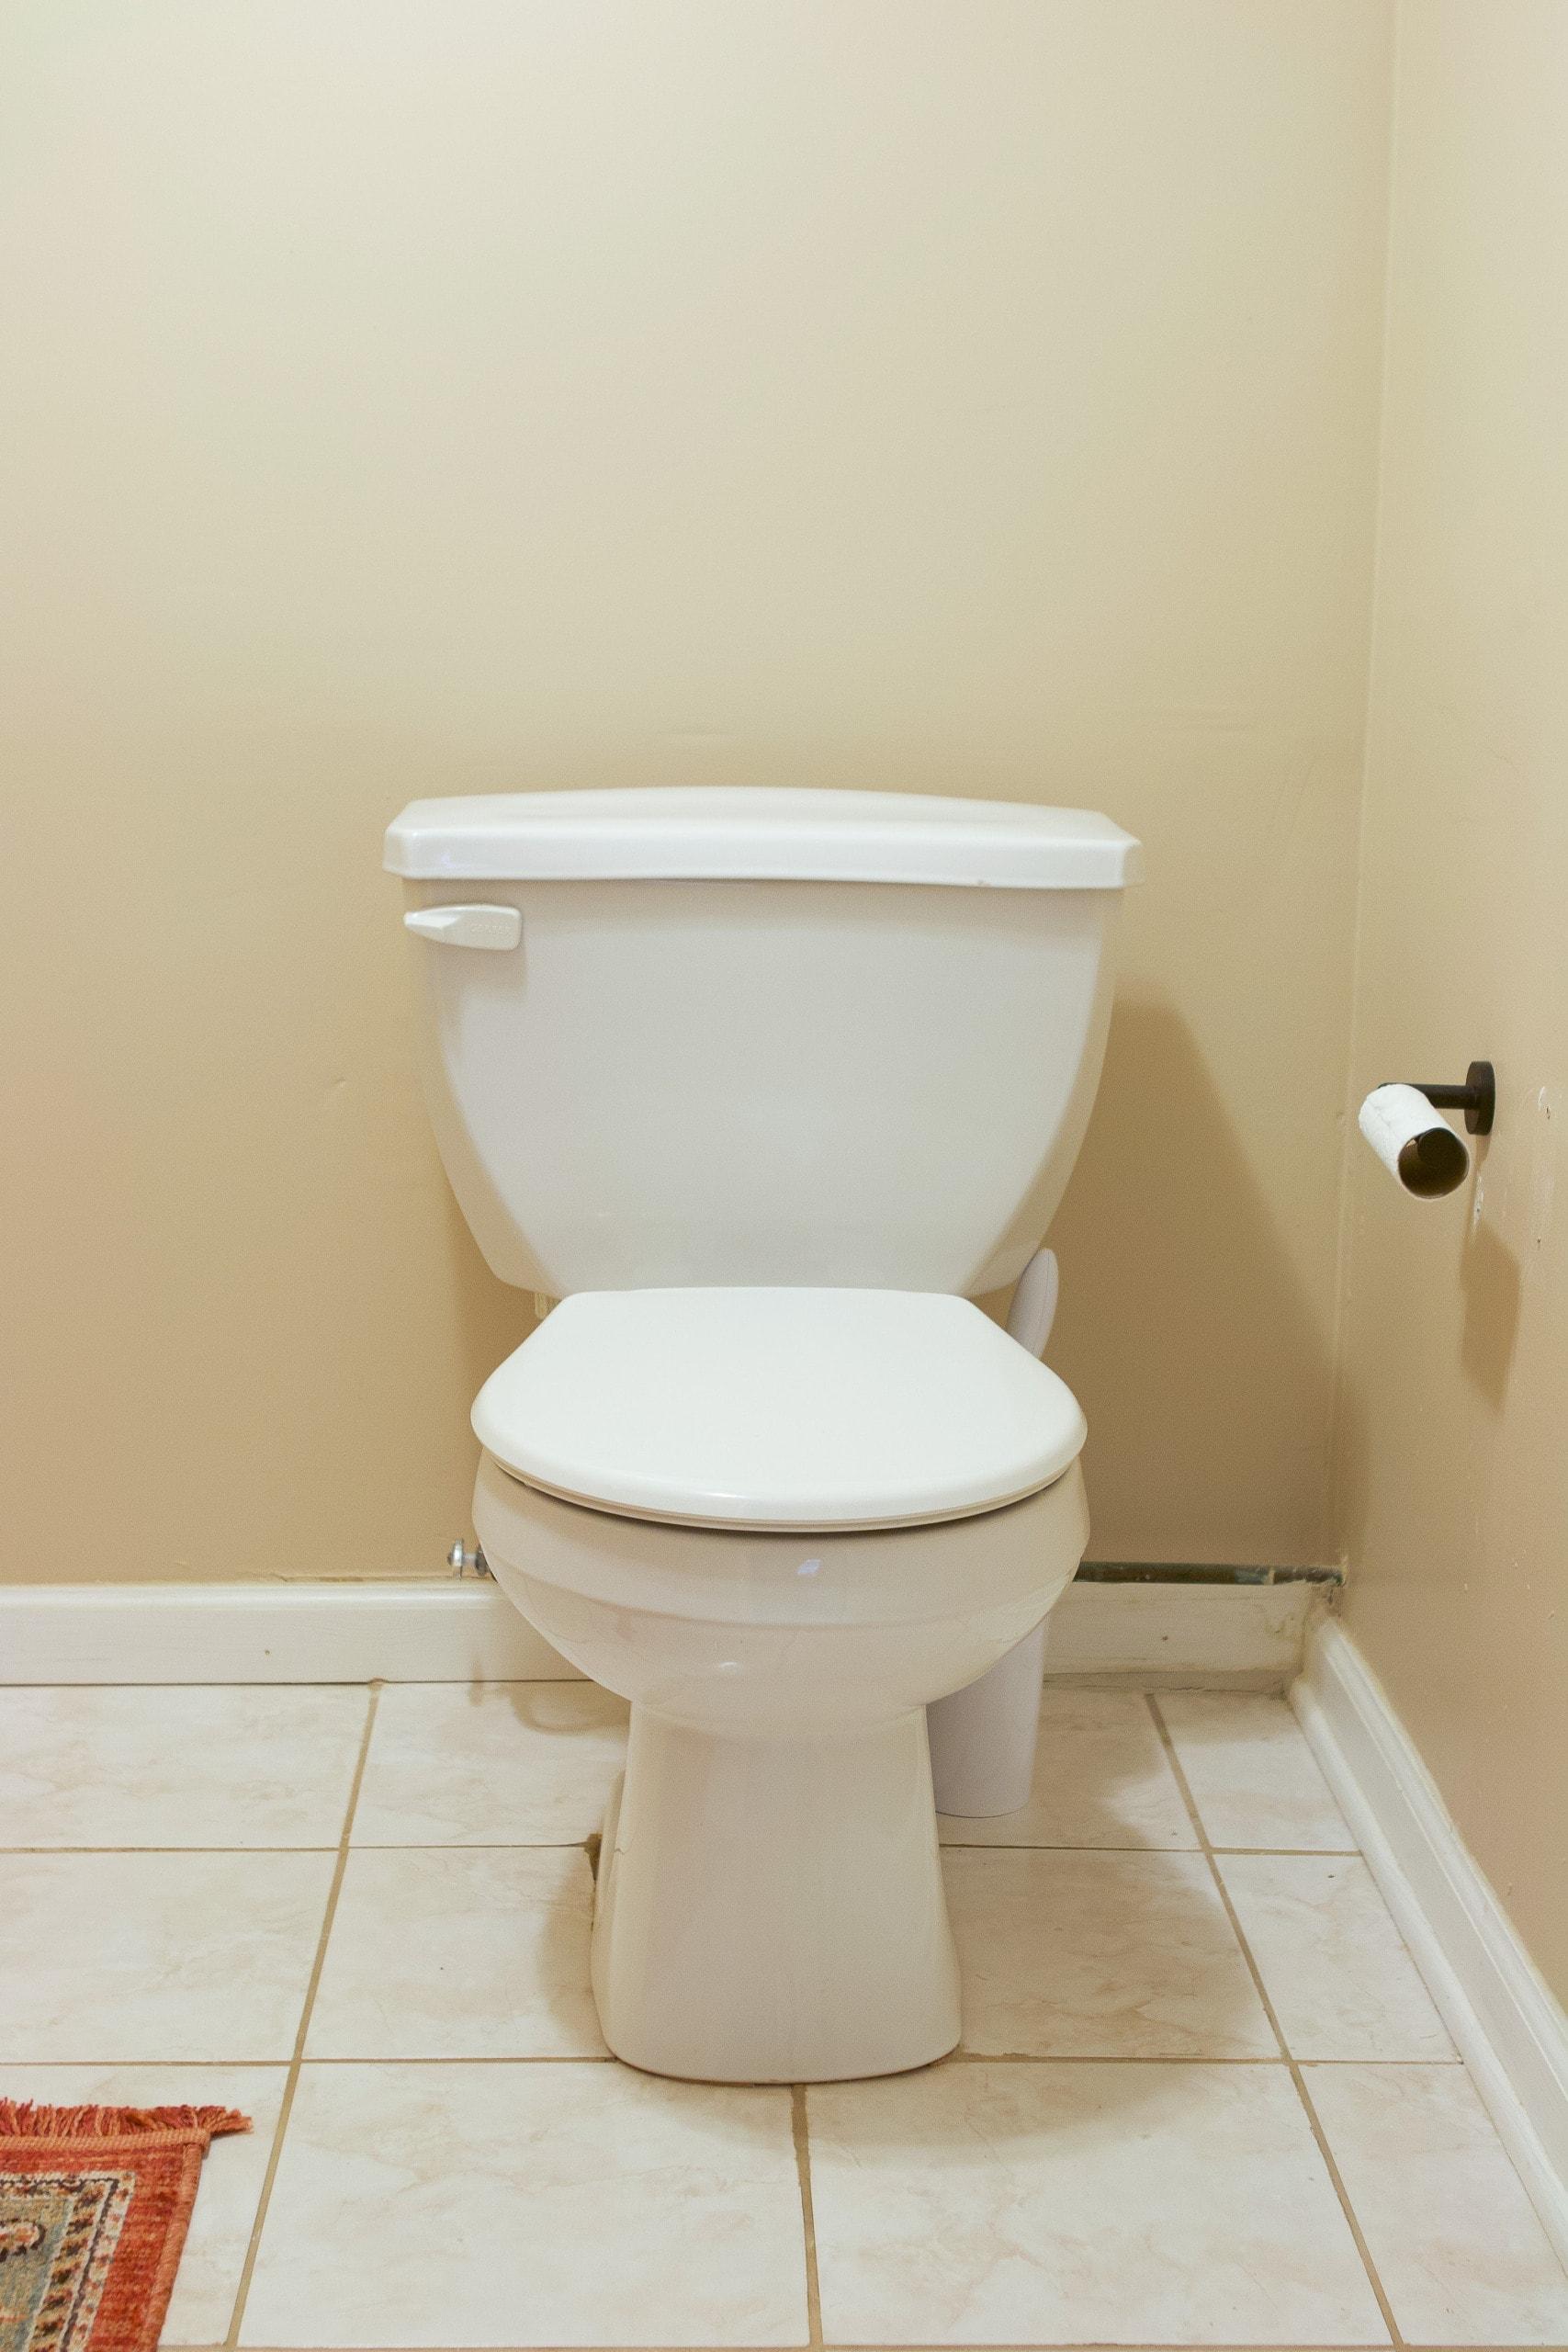 Adding a new black toilet seat